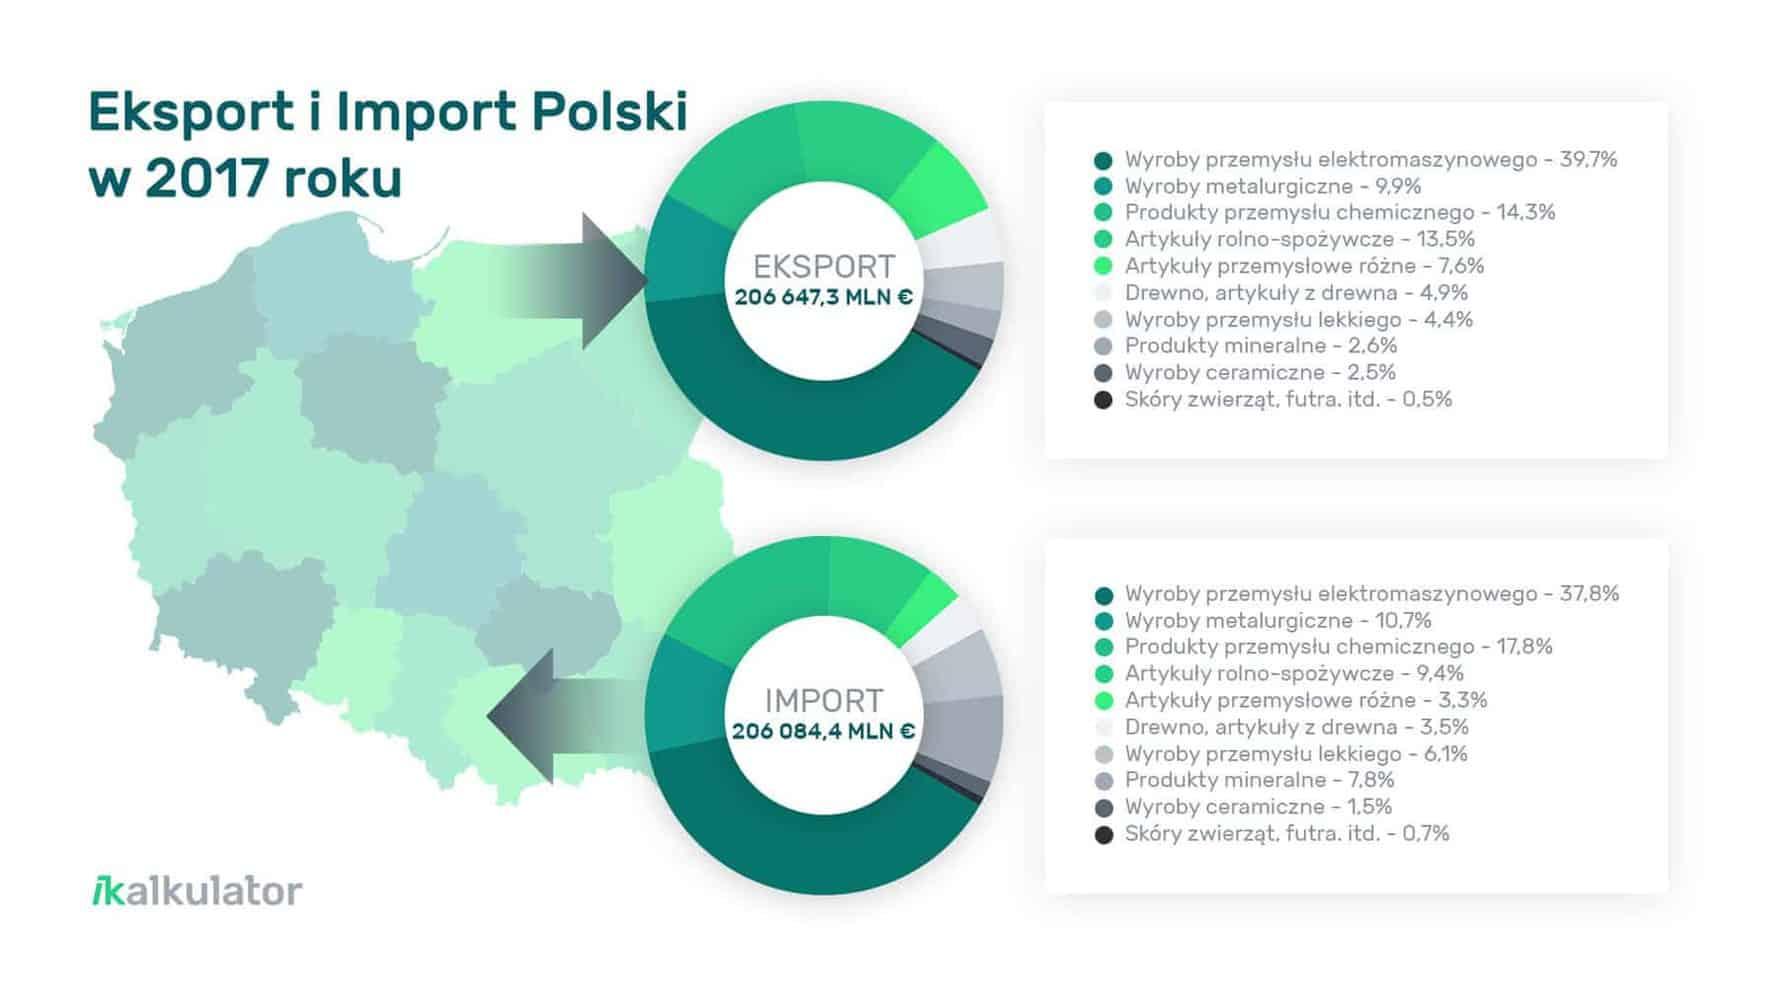 grafika przedstawiająca eksport iimport Polski w2017 roku wposzczególnych kategoriach